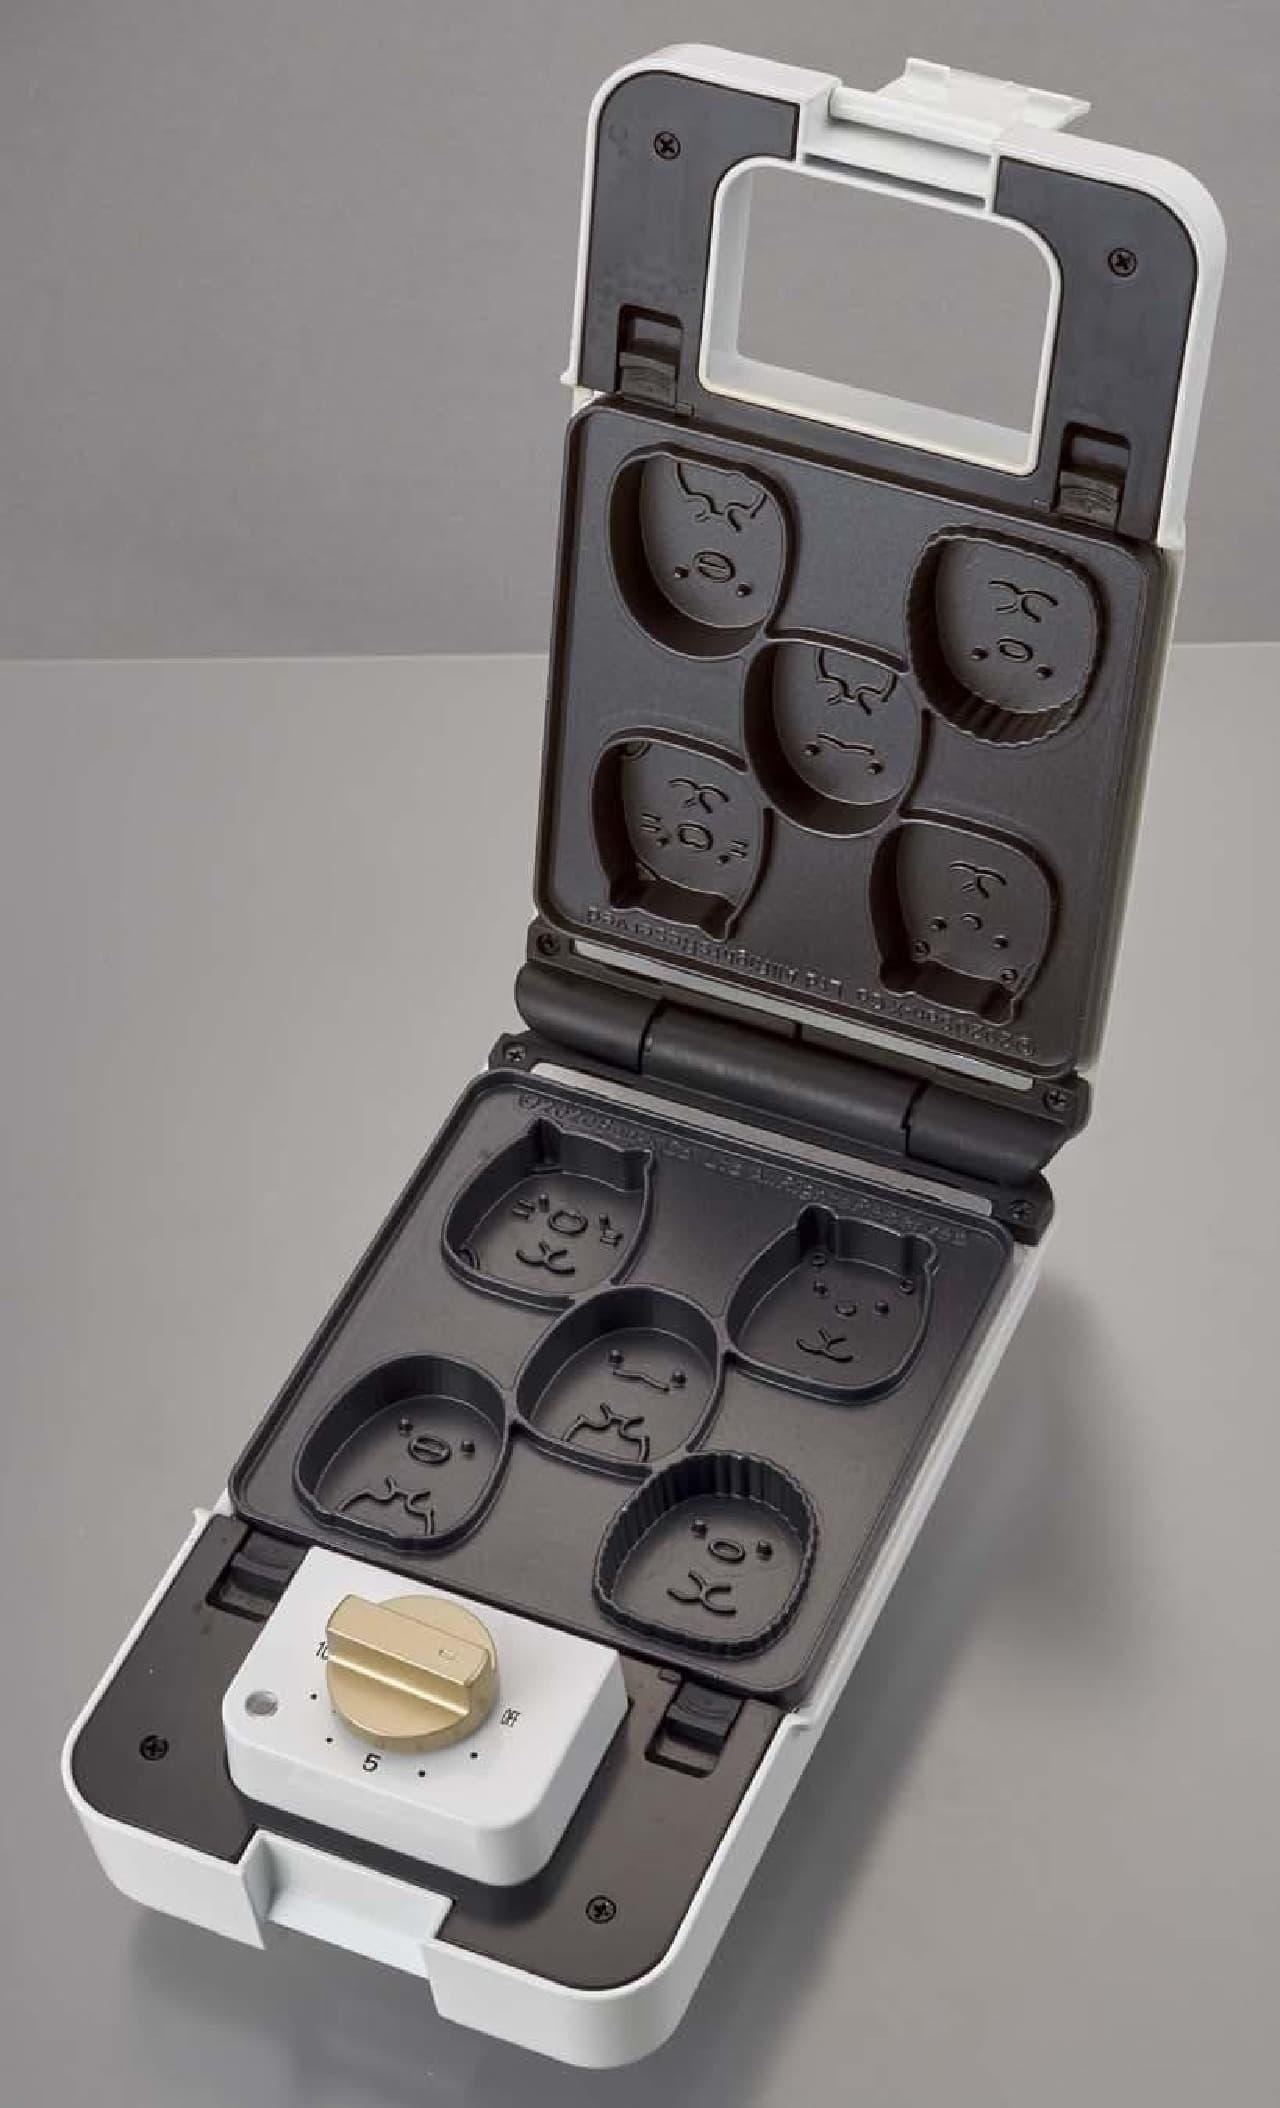 「こんがりきゃらメーカー すみっコぐらし」発売 -- 可愛いホットサンド&ワッフル作りに